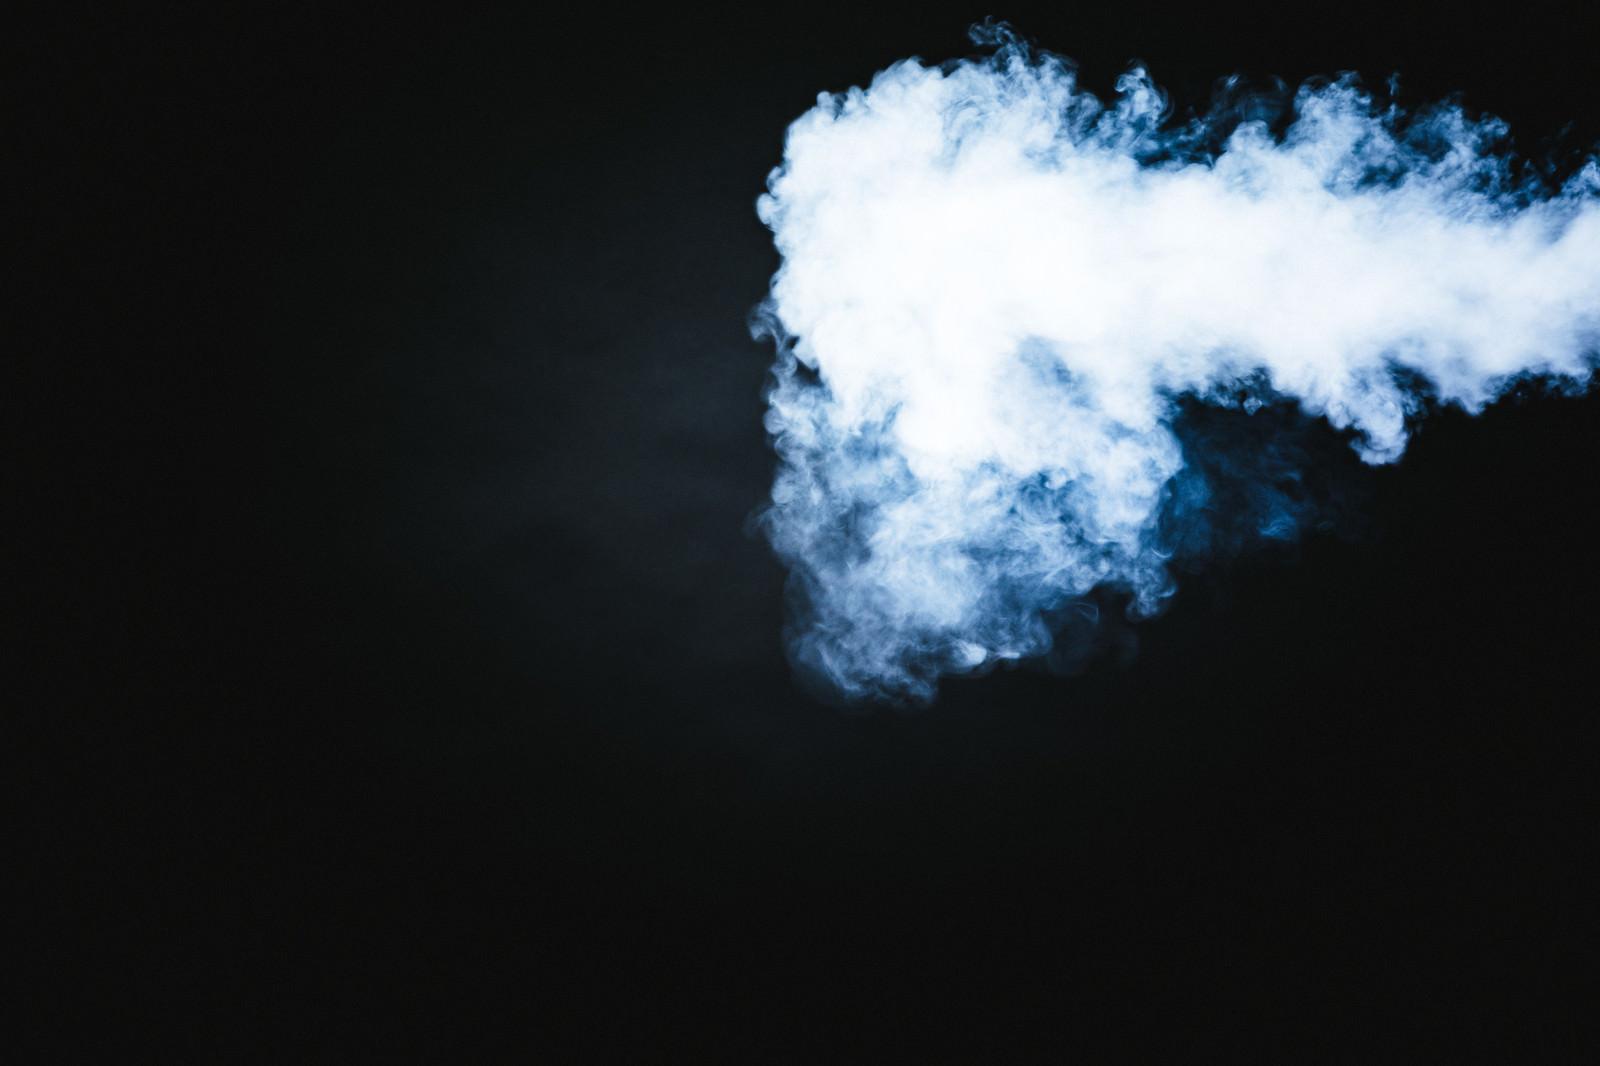 「濃い煙が噴射された濃い煙が噴射された」のフリー写真素材を拡大